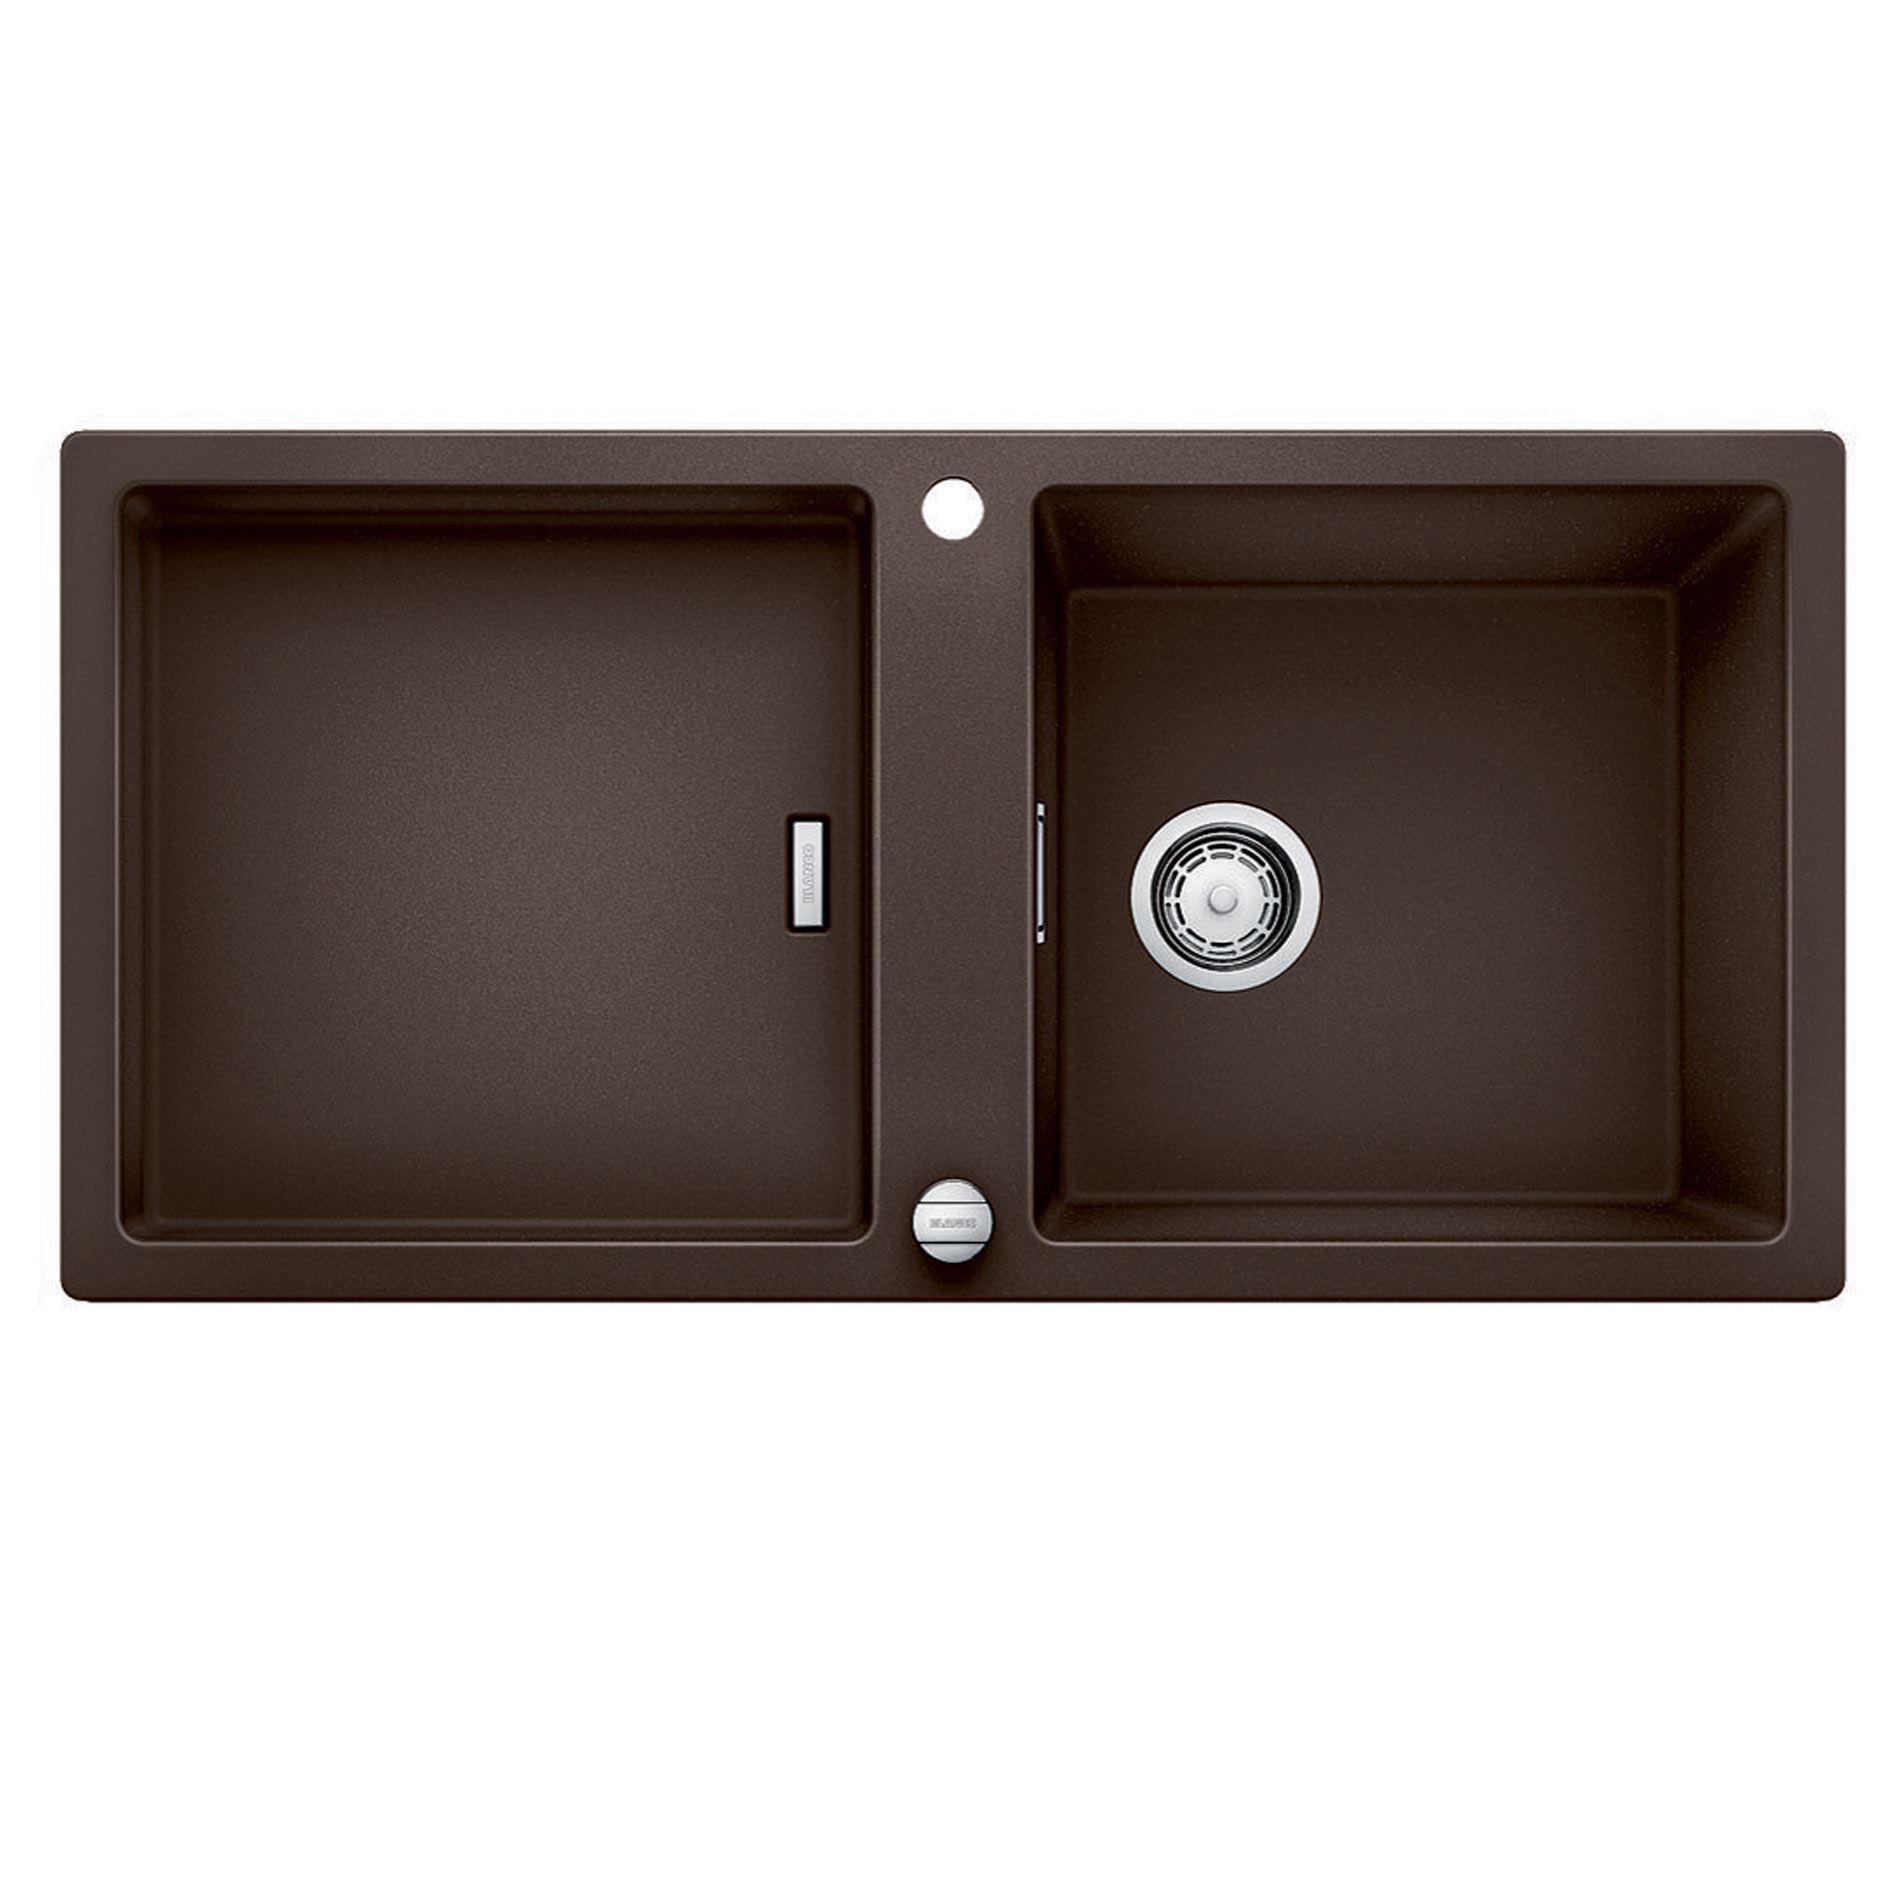 Blanco Adon Xl 6 S Coffee Silgranit Sink Kitchen Sinks